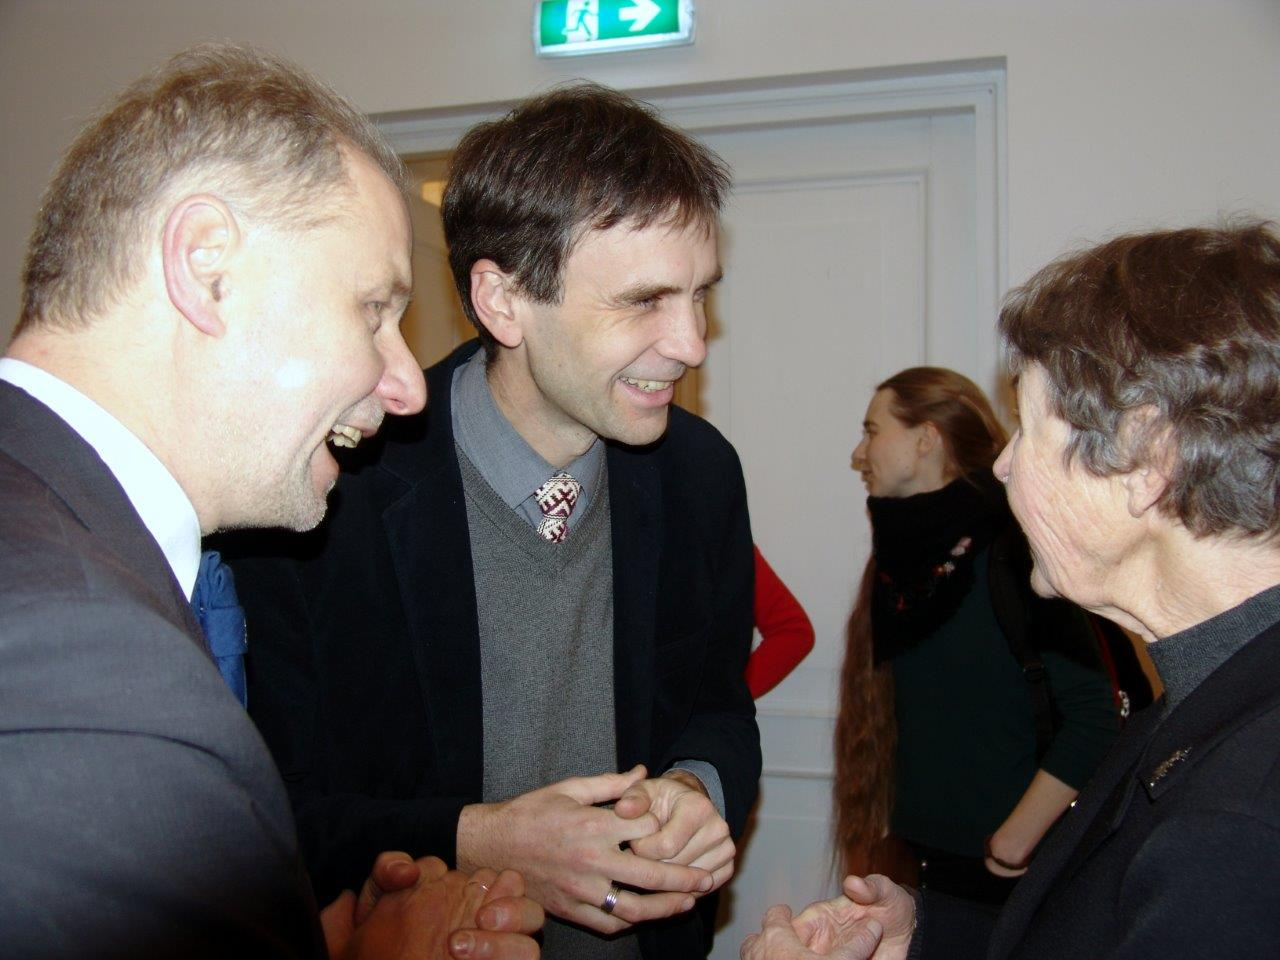 Iš kairės Virginijus Jocys, prof. dr. Vykintas Vaitkevičius, Aušra Juškaitė-Vilkienė